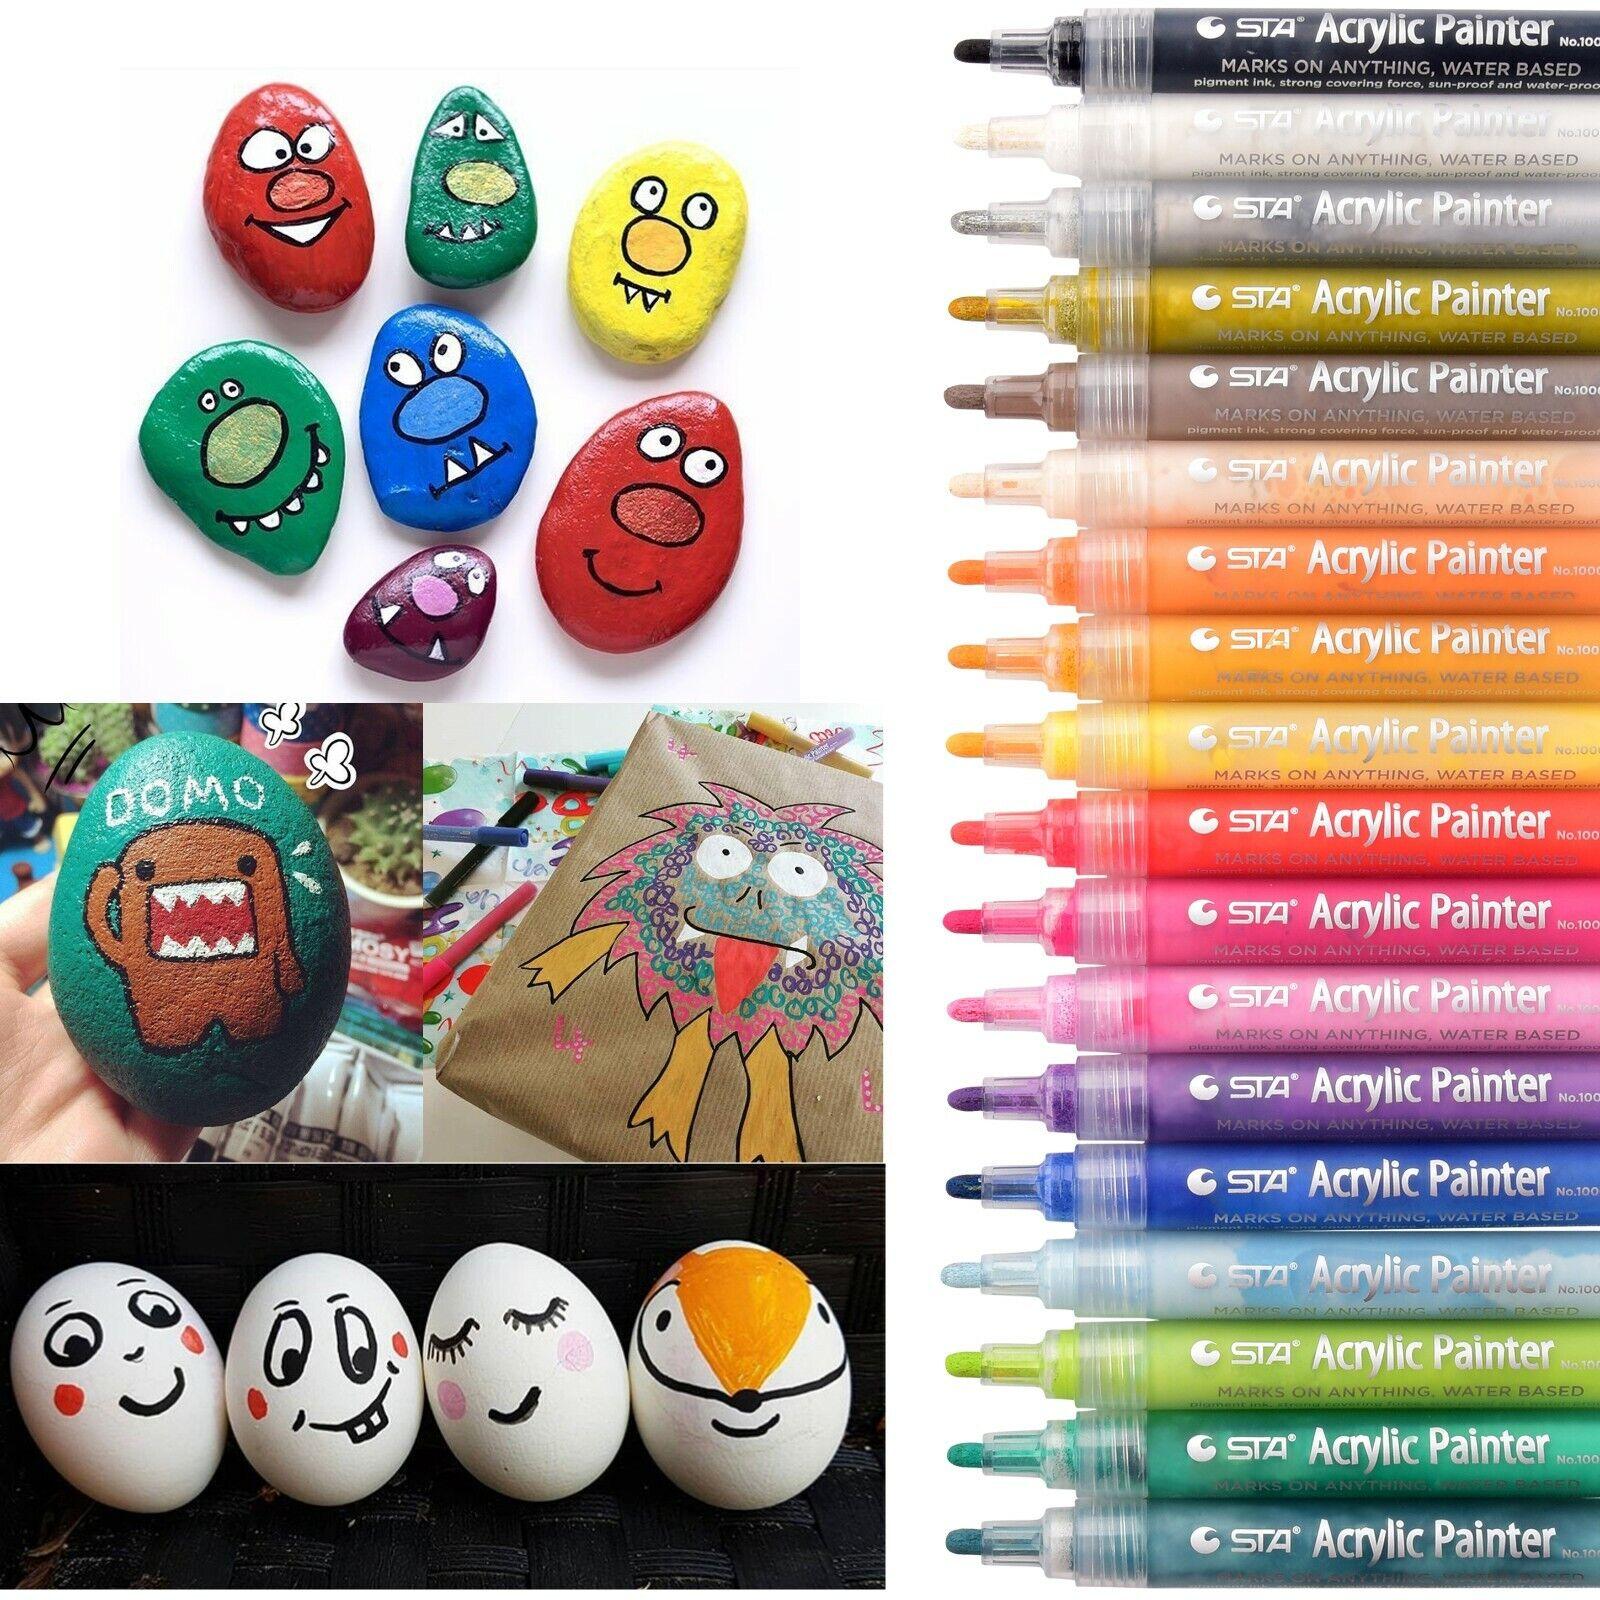 Acrylstifte Marker 18 Farben Stifte Set Acrylic Painter Filzstift DIY Steine